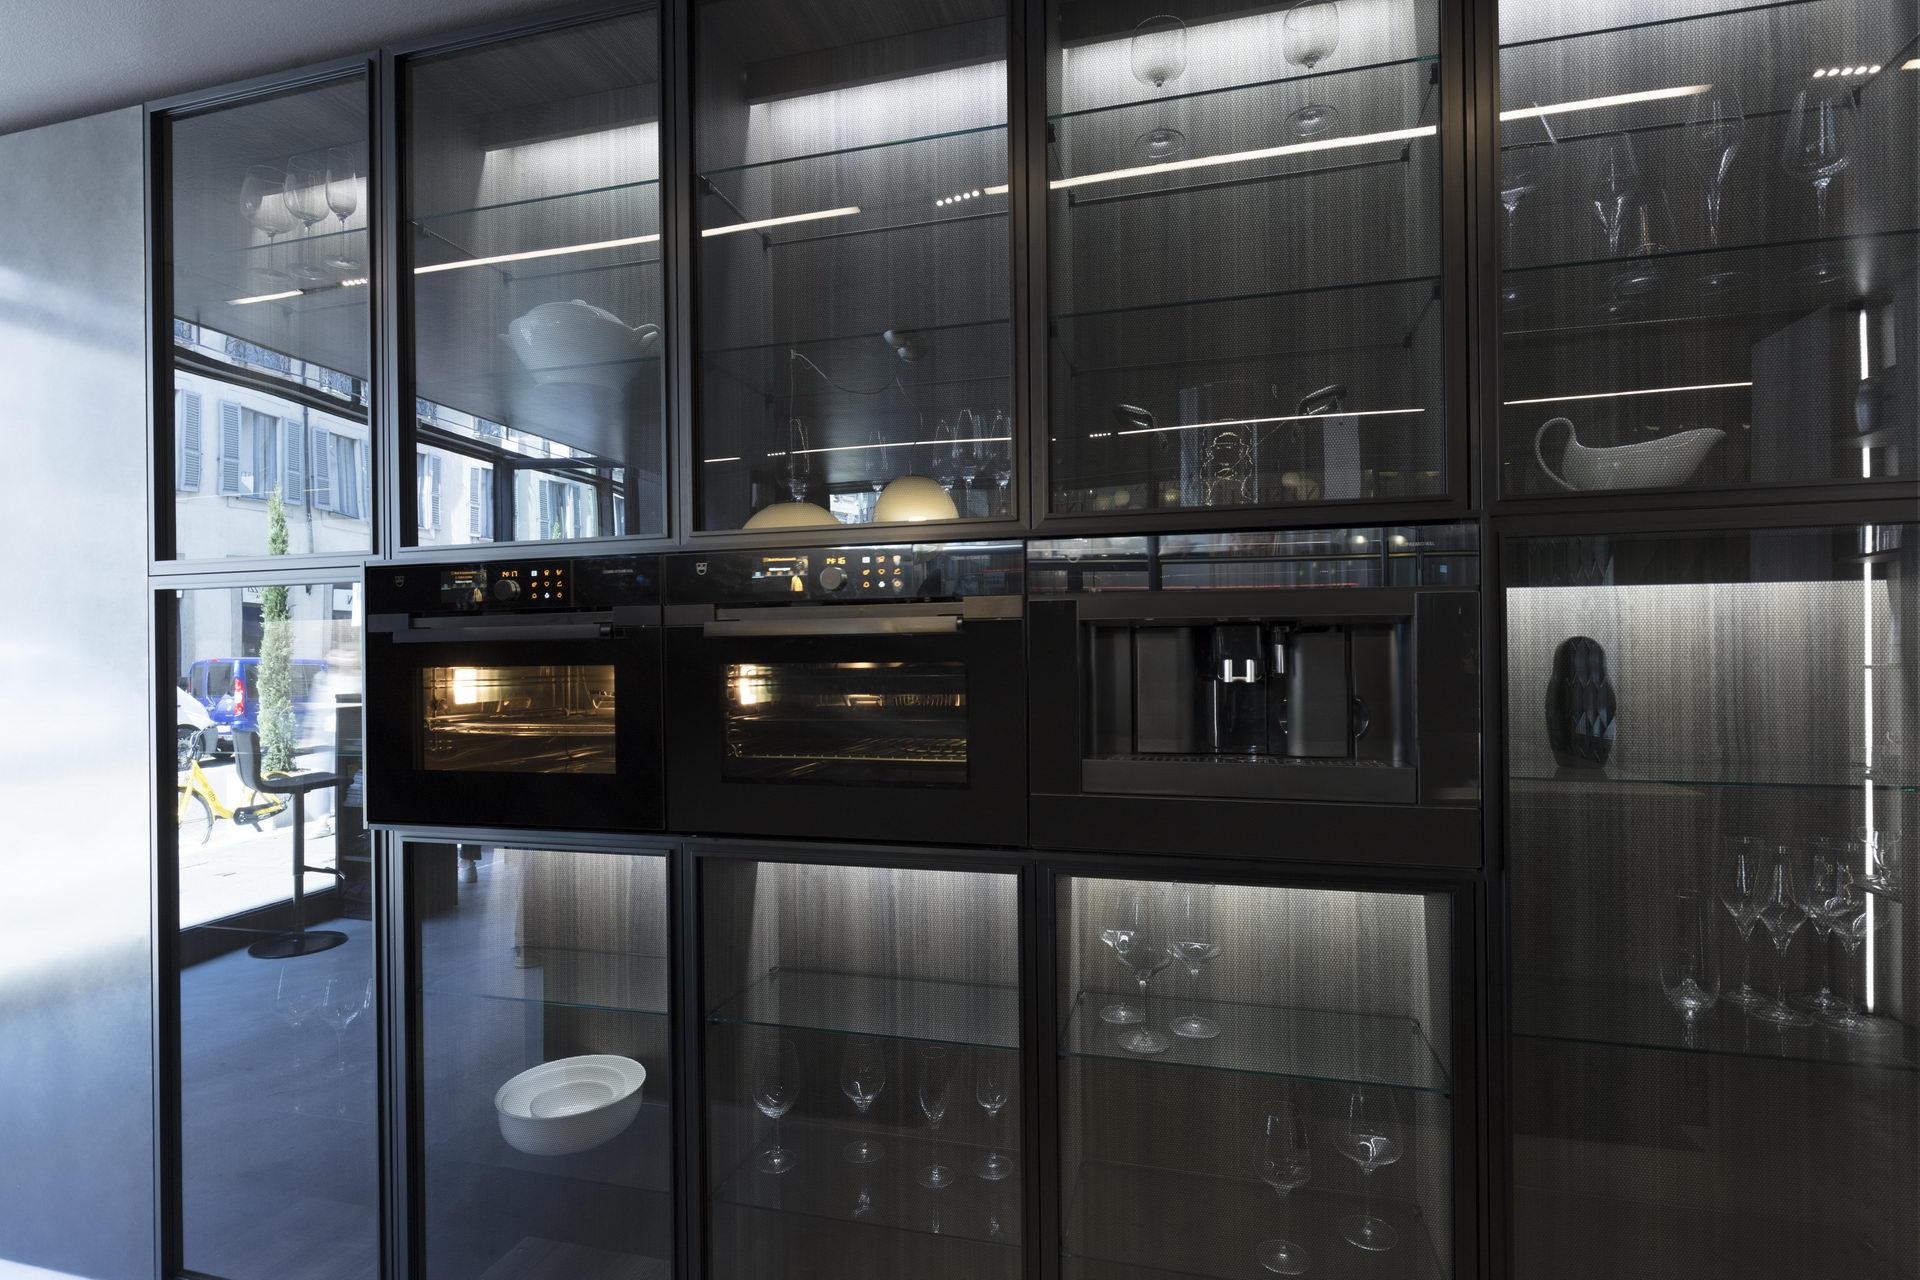 cucine da sogno Archives - Mrs. Noone di Carmen Vecchio | Fashion ...